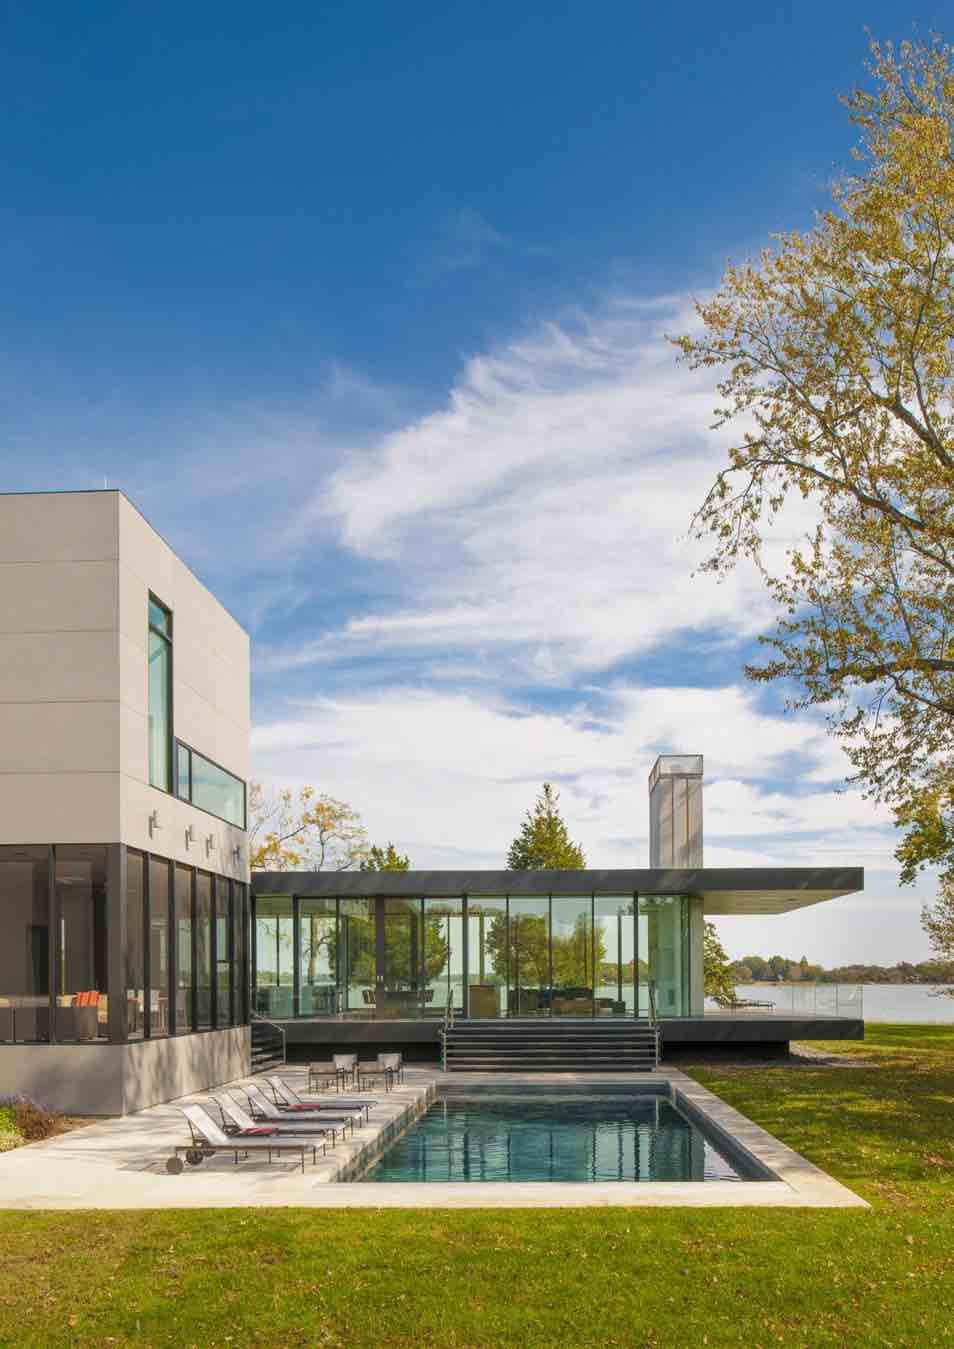 tred-avon-river-house-robert-m-gurney-architect_mackenzie-gurney-guttmanresidence-8